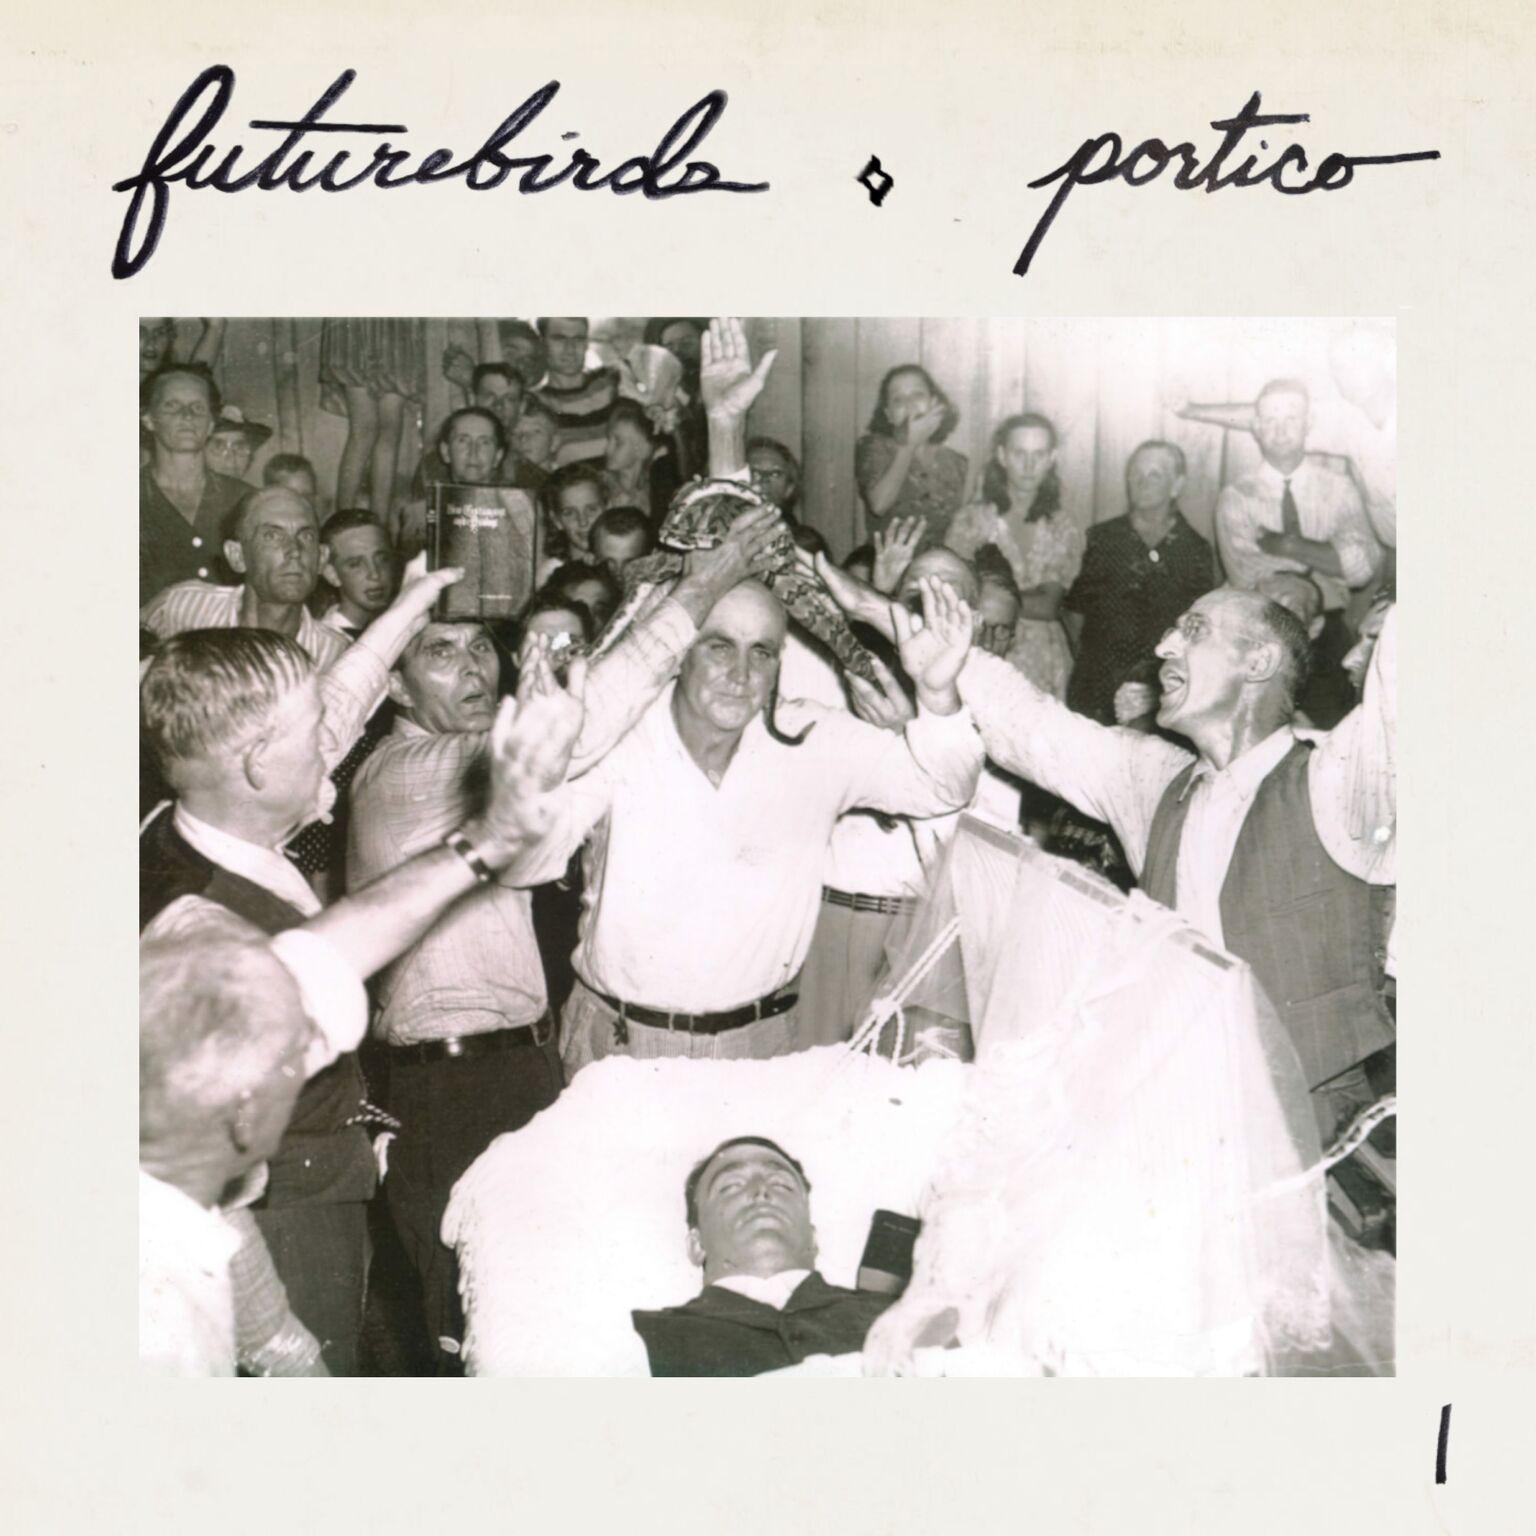 futurebirds-portico